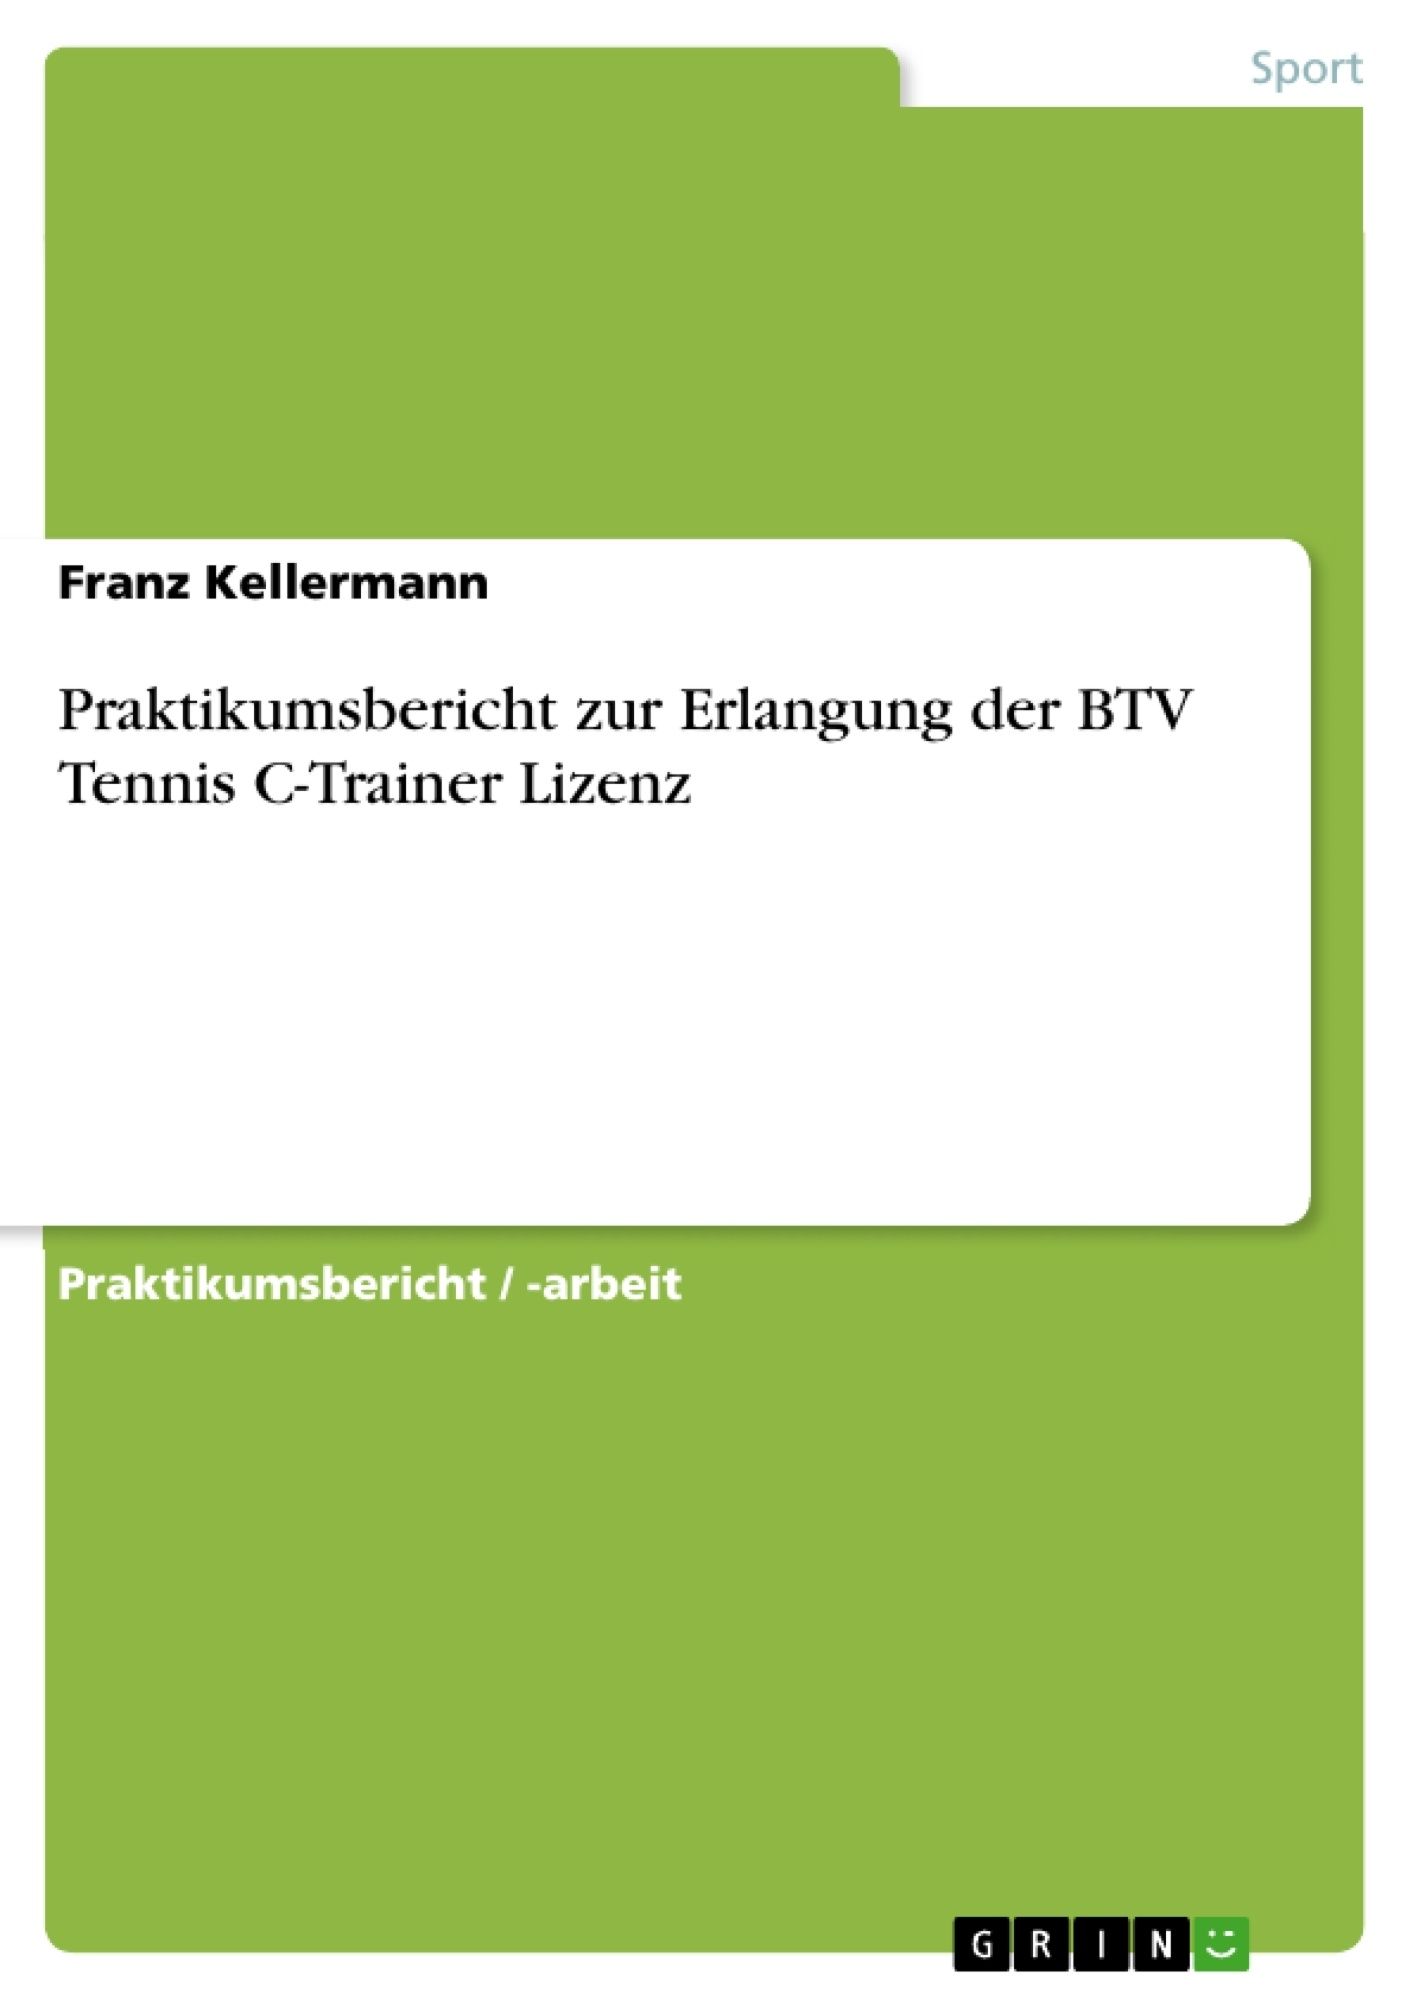 Titel: Praktikumsbericht zur Erlangung der BTV Tennis C-Trainer Lizenz